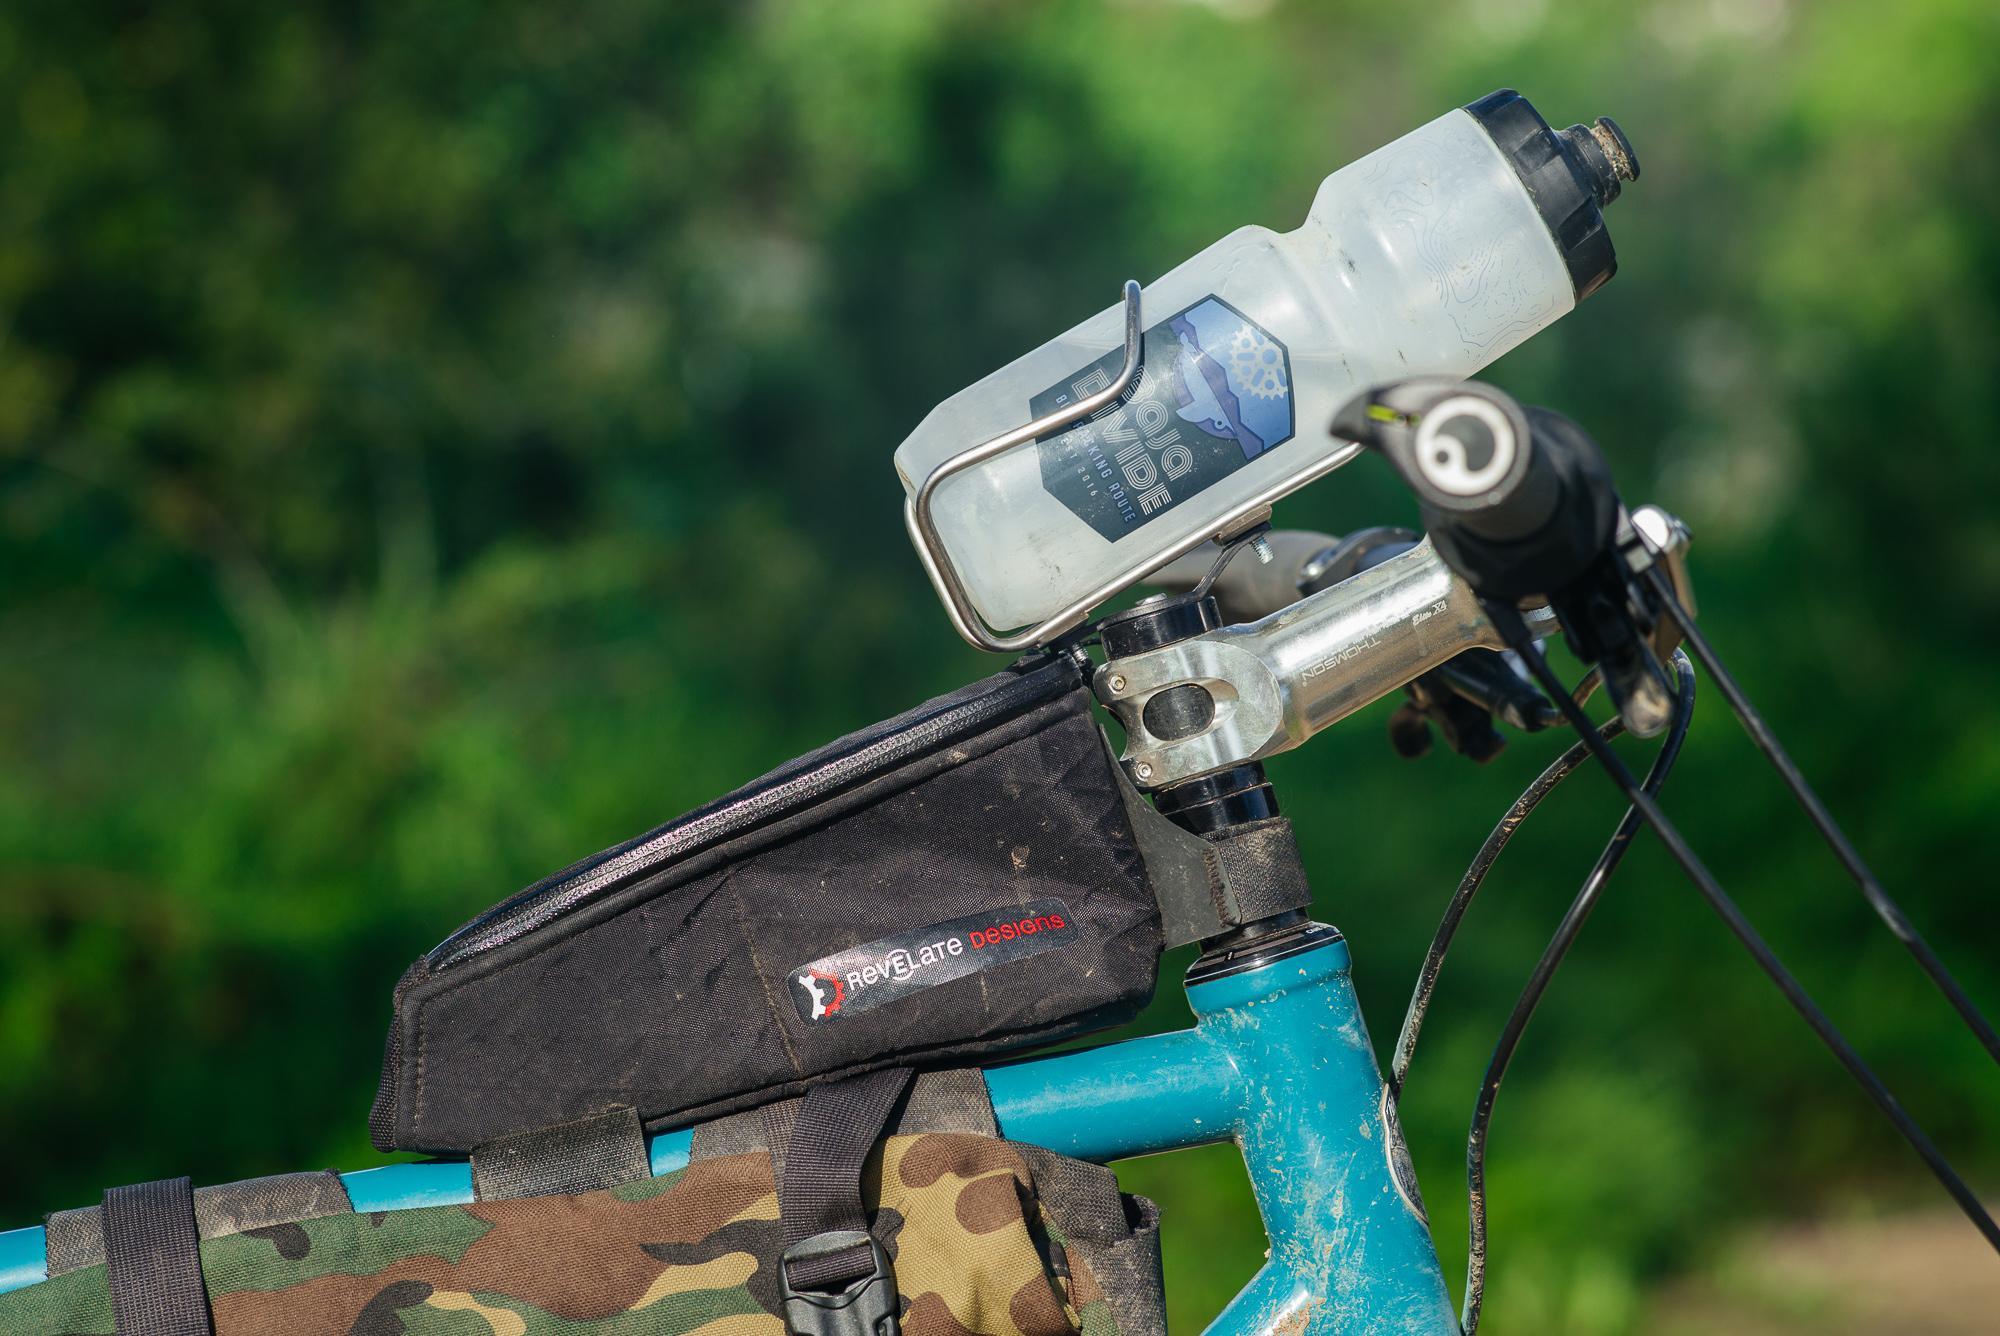 Daniel's Tumbleweed Prospector Rohloff Touring Bike